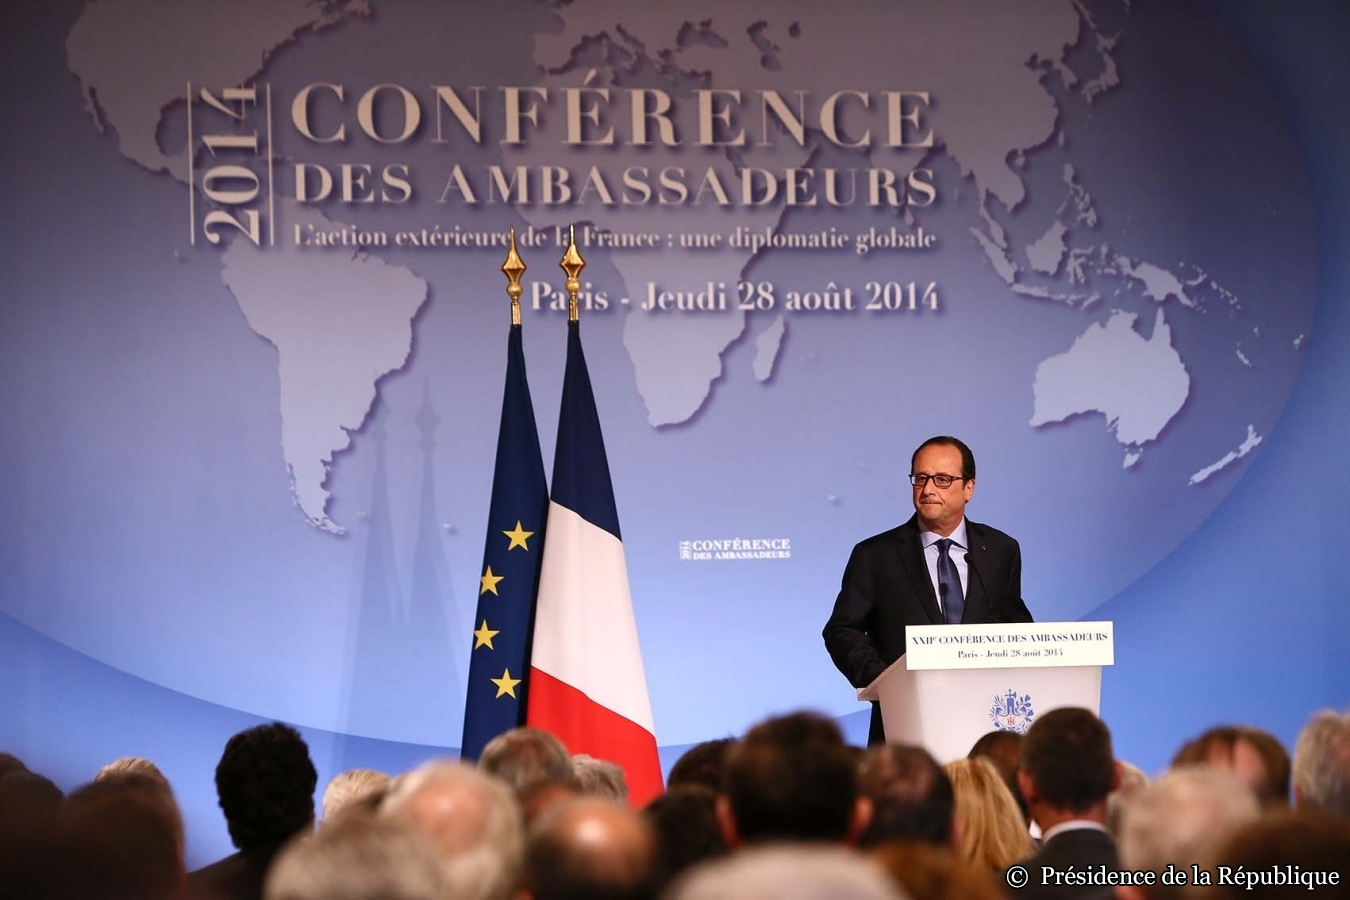 Gaza, Etat islamique, Libye... les dossiers chauds du Proche et Moyen-Orient vus par Hollande